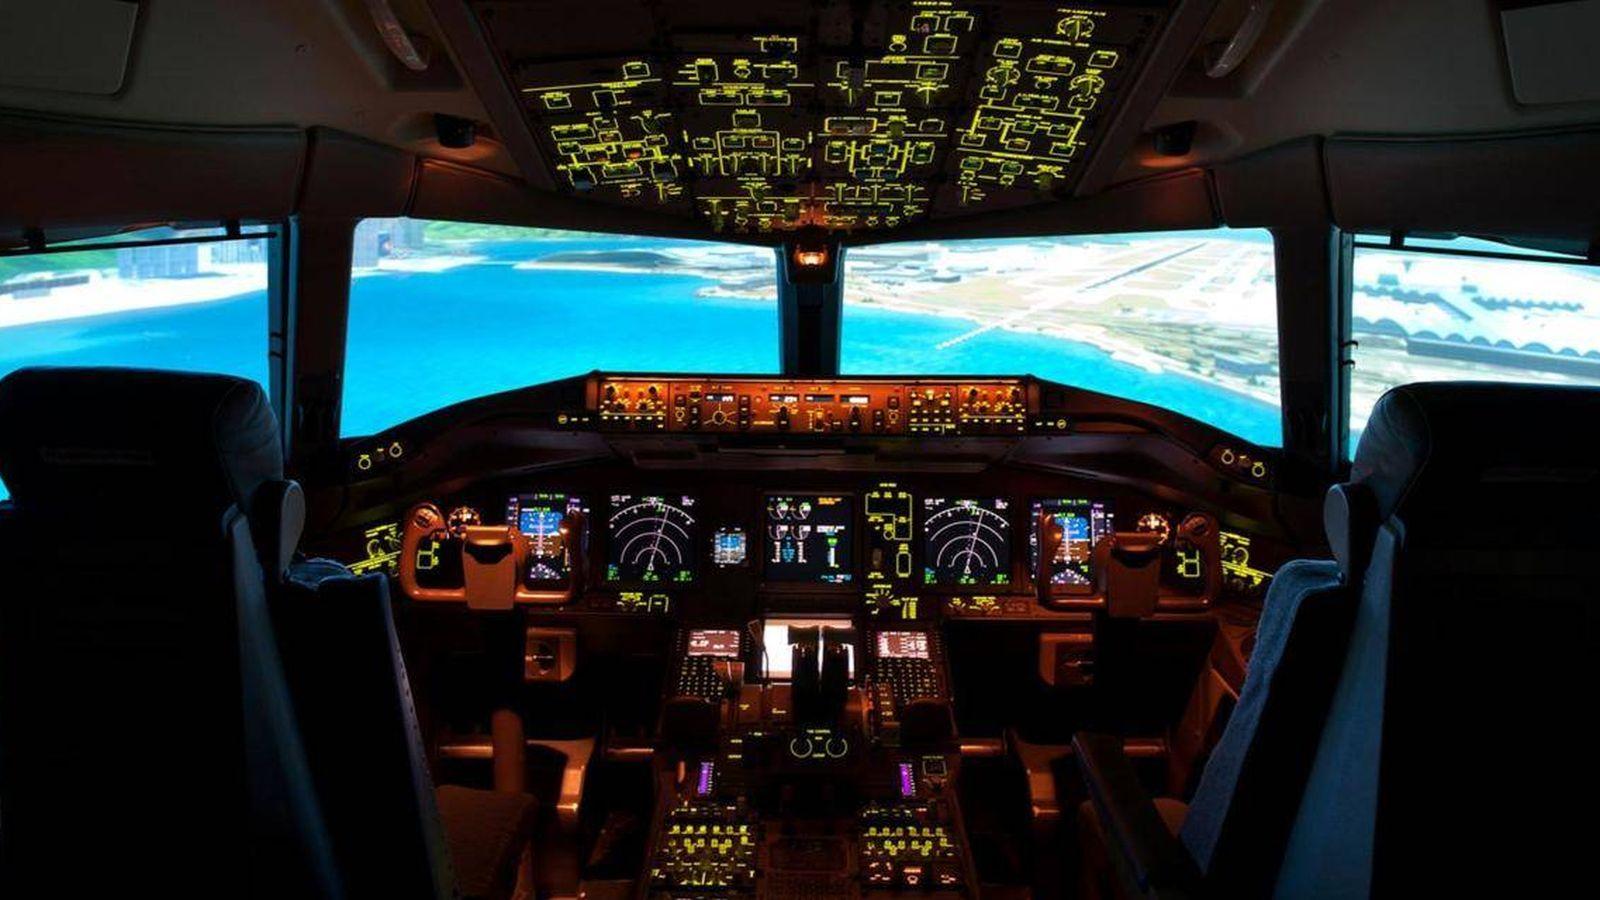 Foto:  La cabina de uno de los aviones de Boeing, que ya ha empezado a probar prototipos de aviones completamente autónomos.